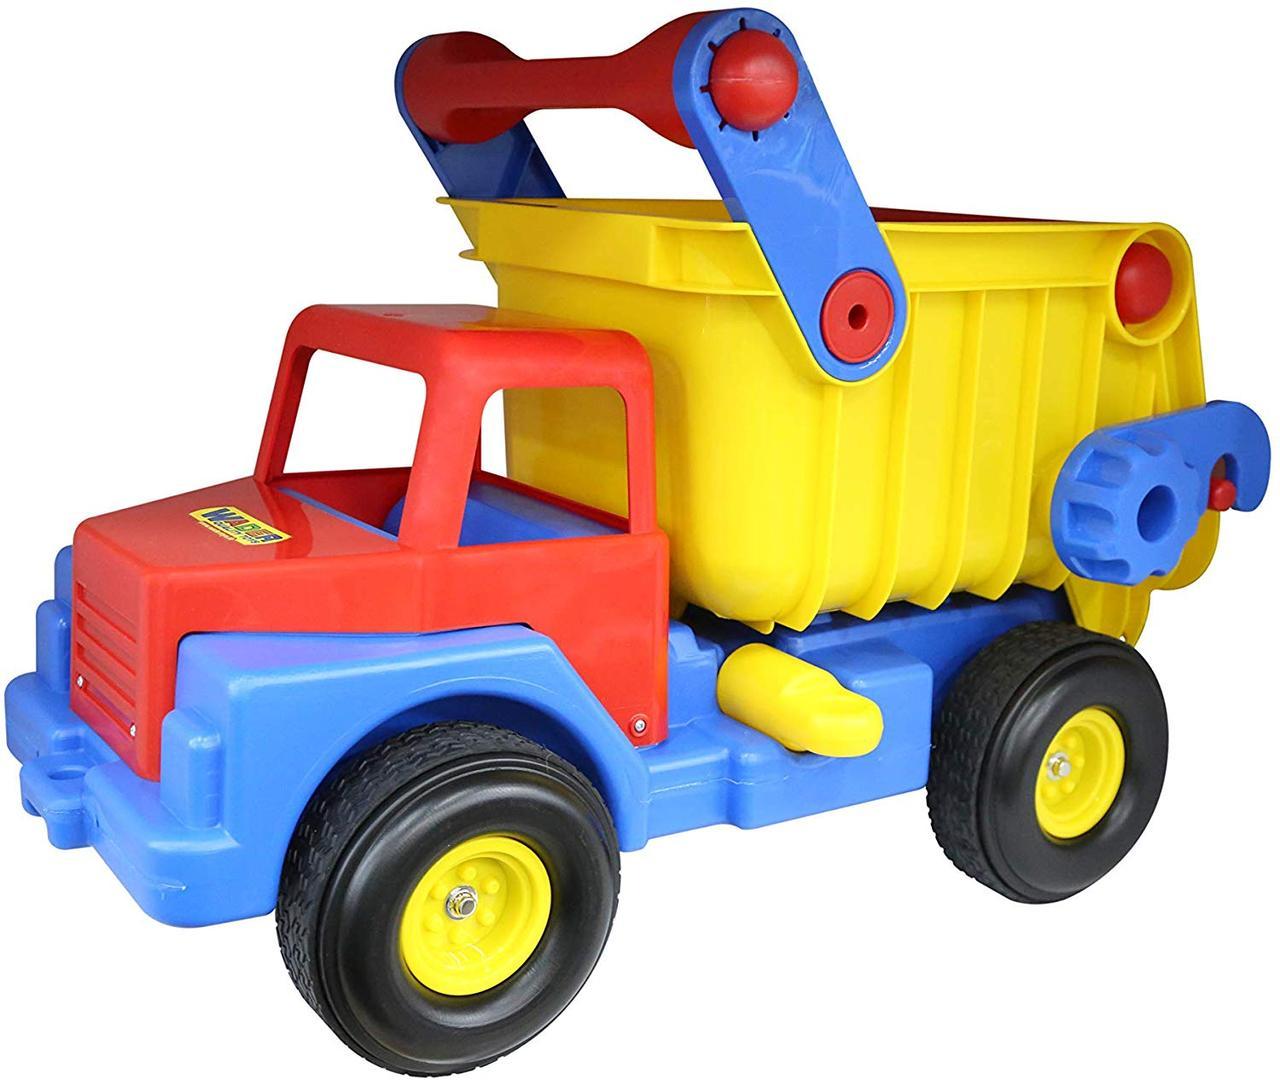 Игрушечный самосвал с резиновыми колесами Wader 37916